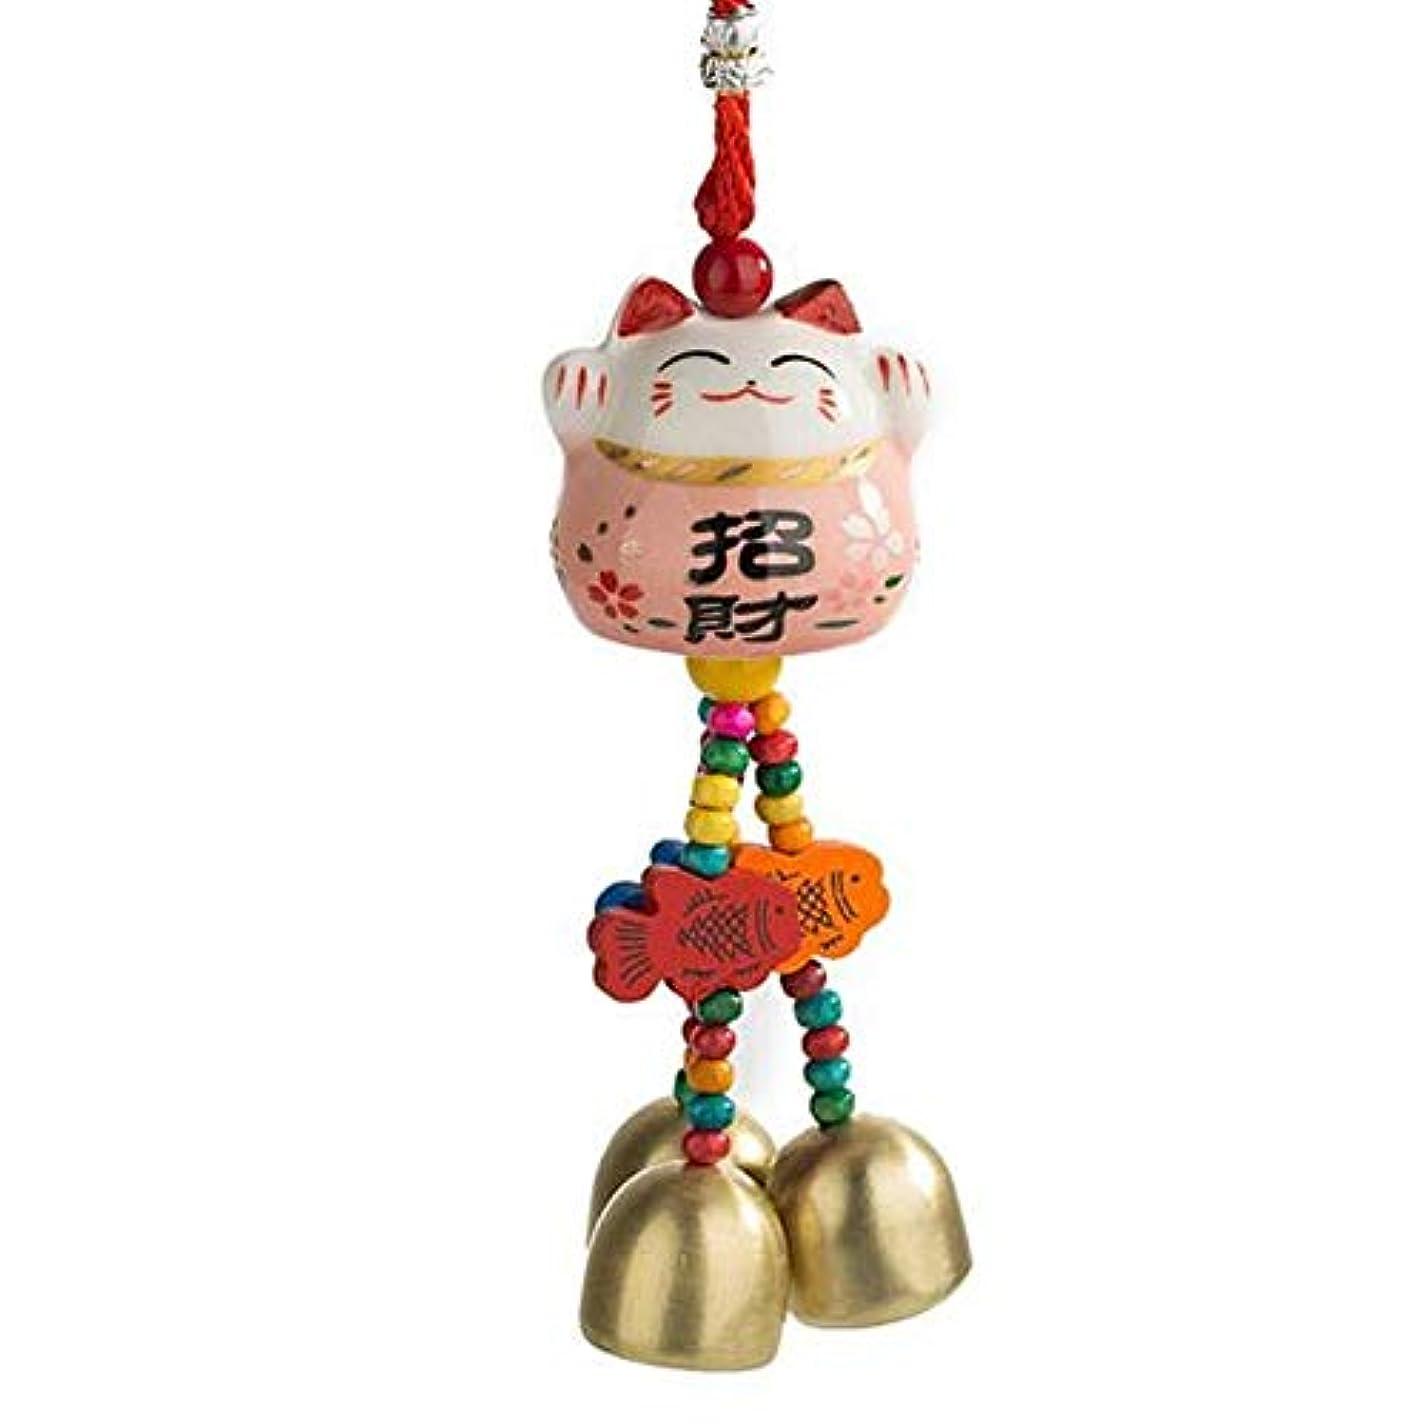 土曜日ピッチ強制Hongyuantongxun 風チャイム、かわいいクリエイティブセラミック猫風の鐘、赤、長い28センチメートル,、装飾品ペンダント (Color : Pink)